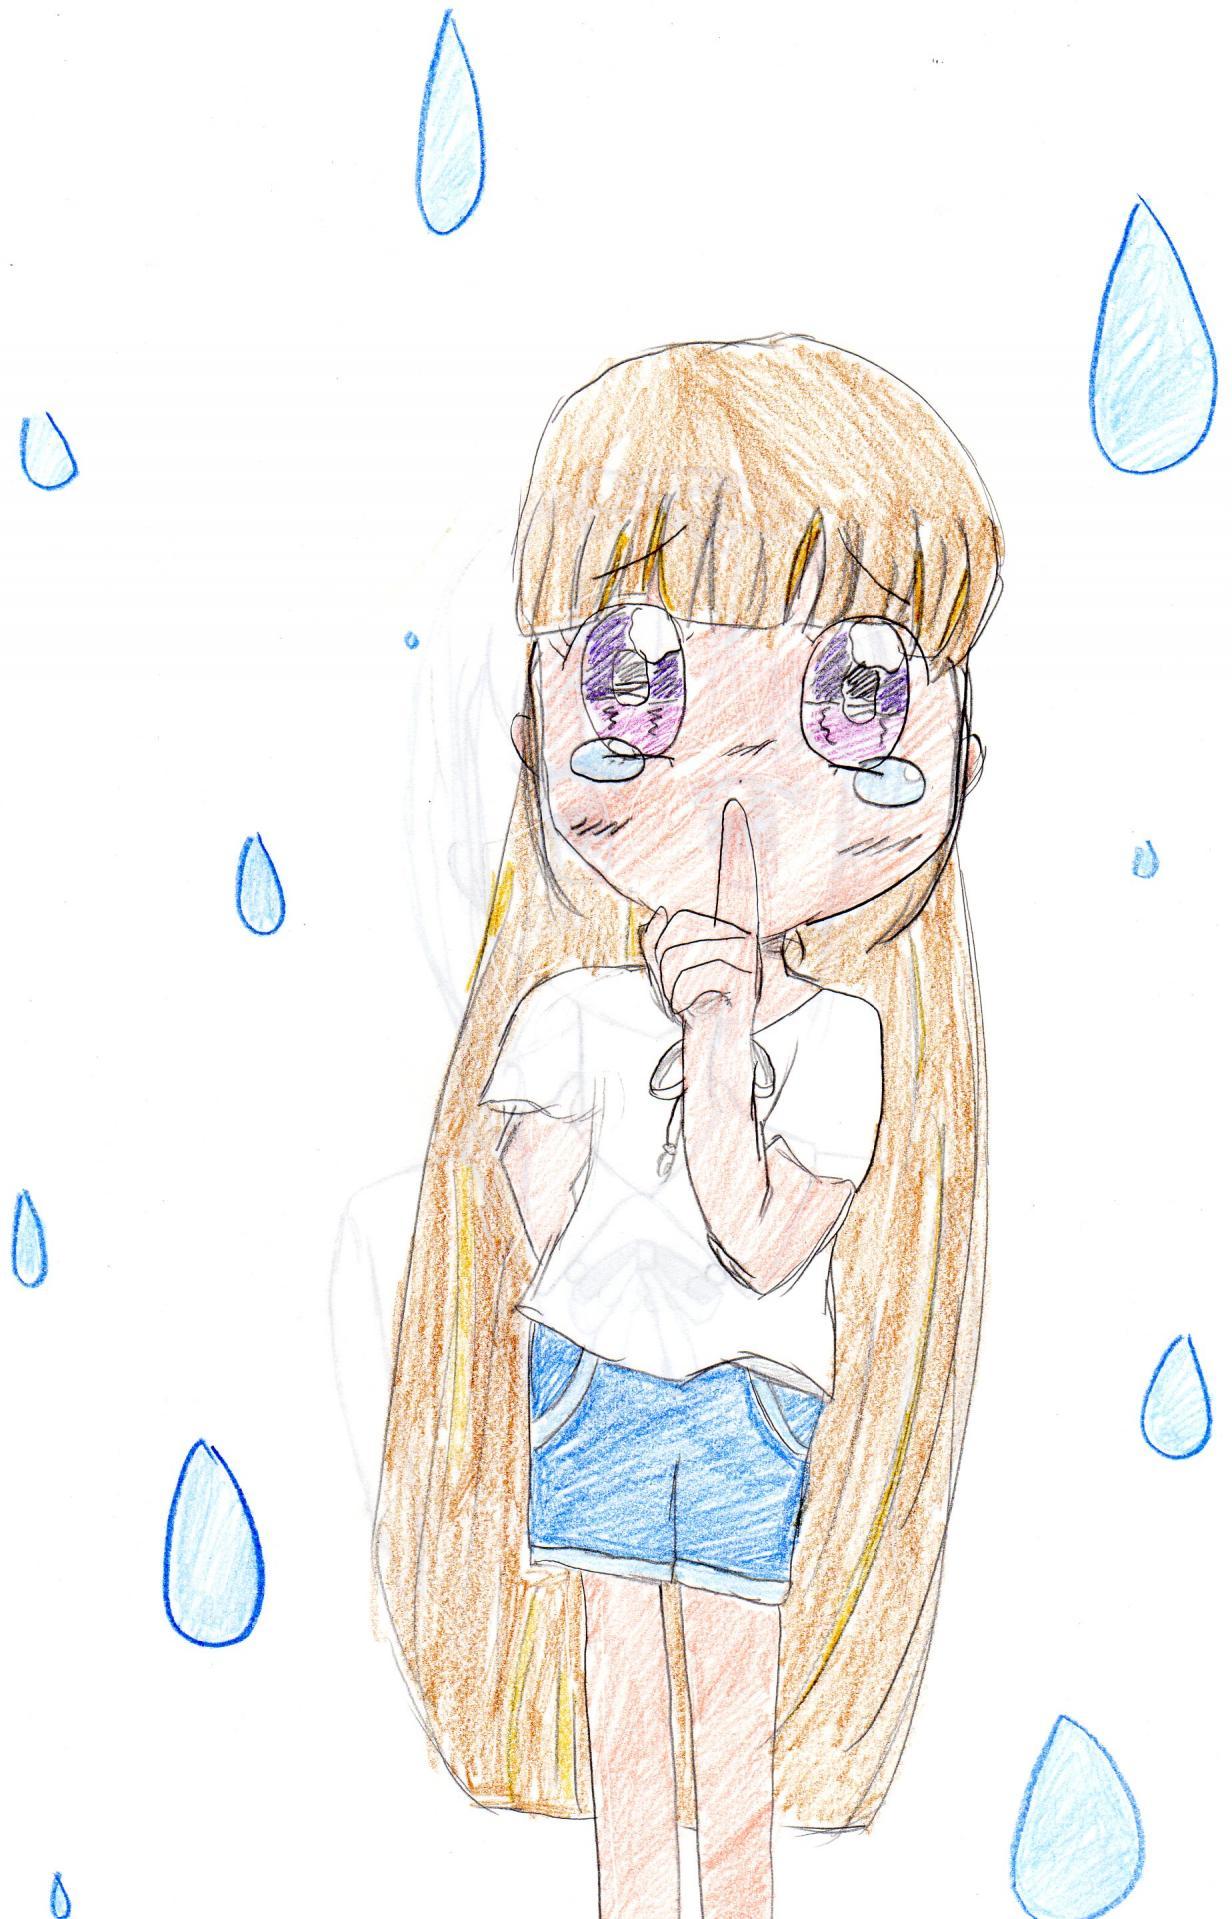 女の子 イラスト 可愛い